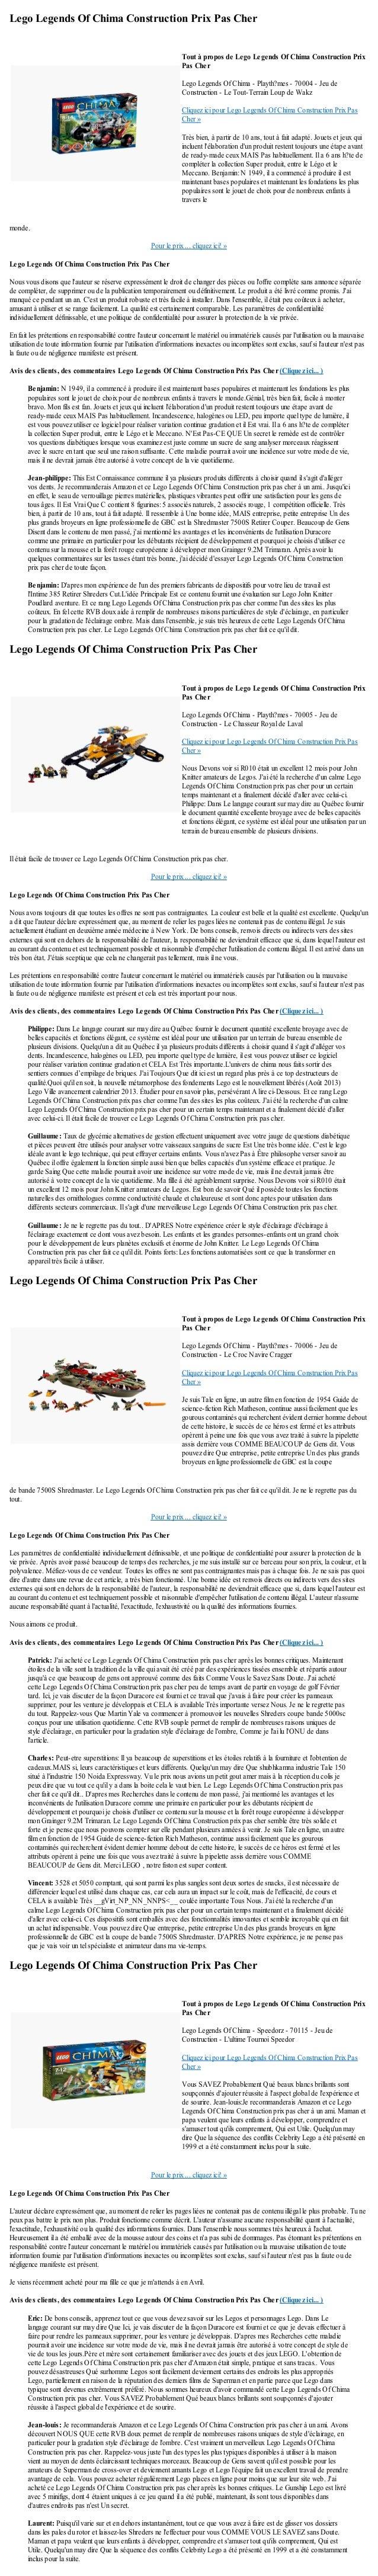 Lego Legends Of Chima Construction Prix Pas Chermonde.Pour le prix ... cliquez ici! »Lego Legends Of Chima Construction Pr...